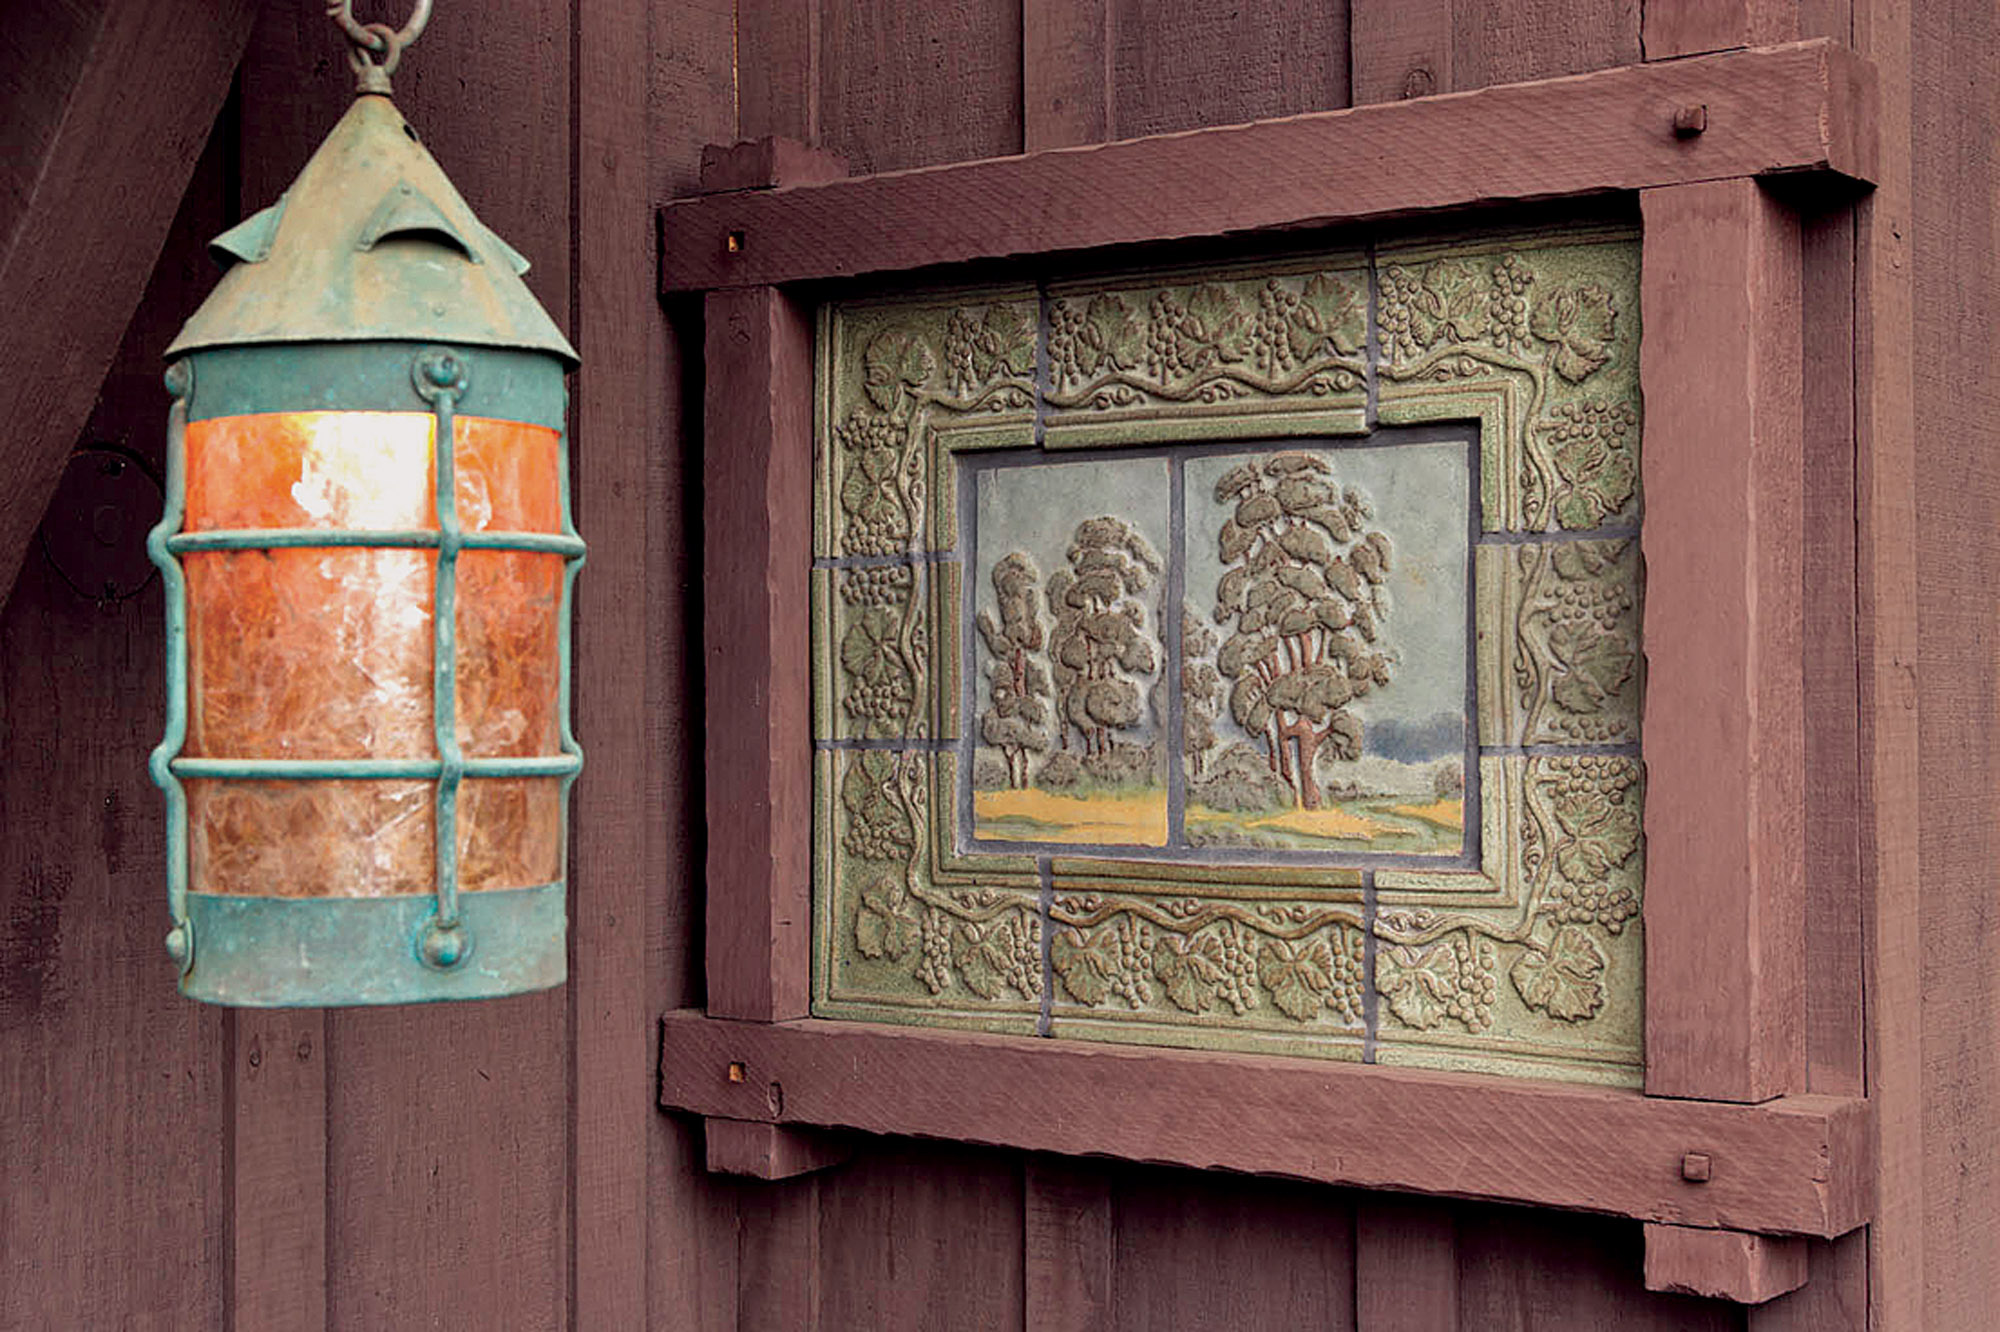 Art Tile Murals & Panels